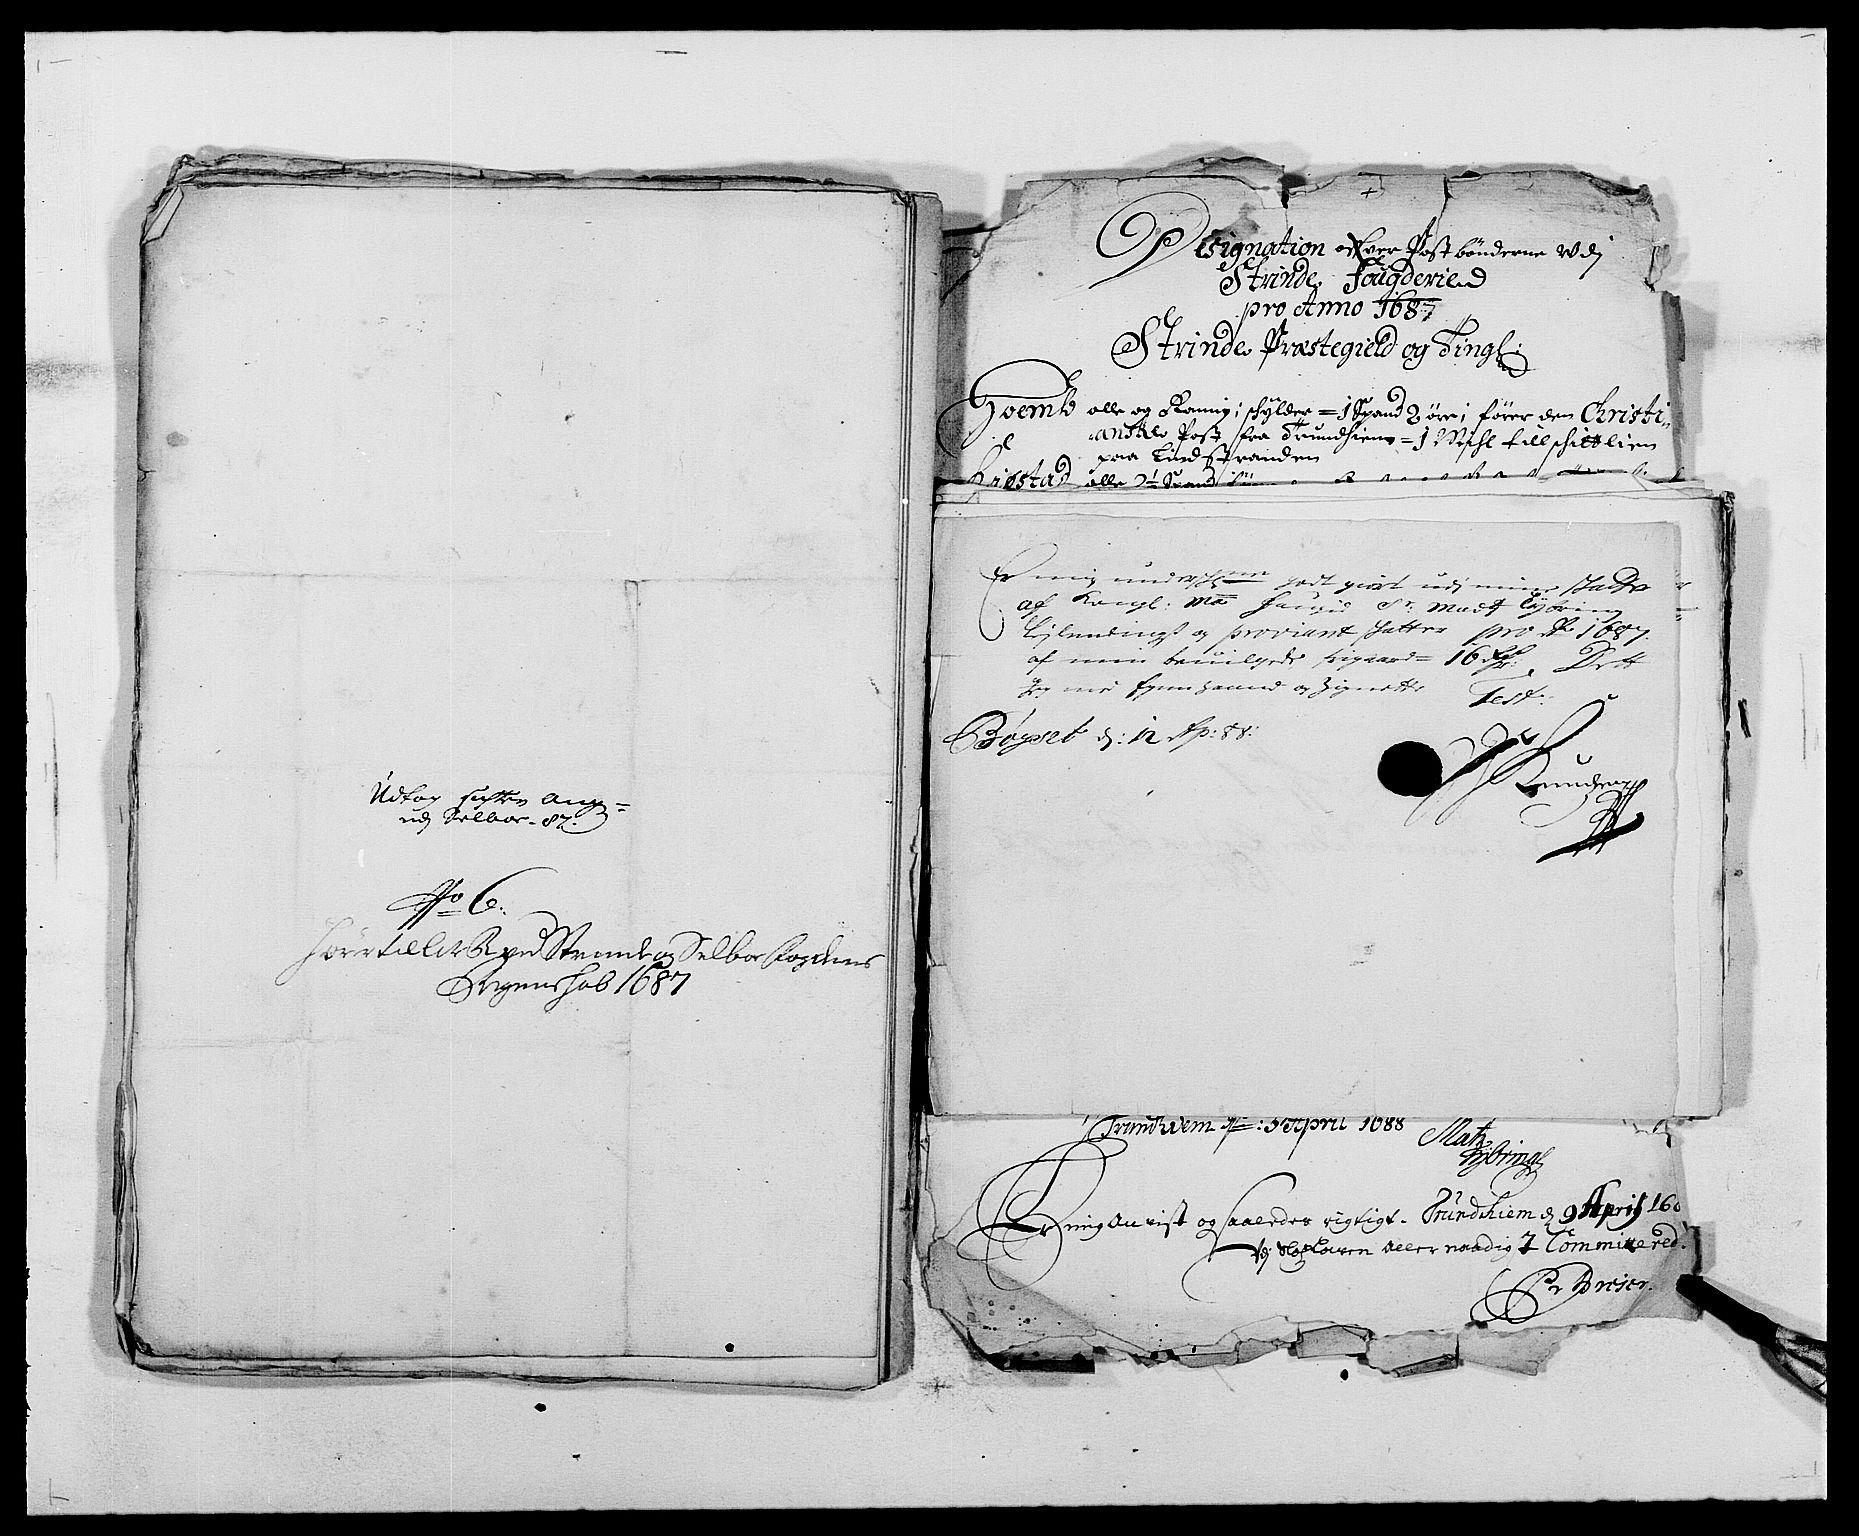 RA, Rentekammeret inntil 1814, Reviderte regnskaper, Fogderegnskap, R61/L4101: Fogderegnskap Strinda og Selbu, 1687-1688, s. 140